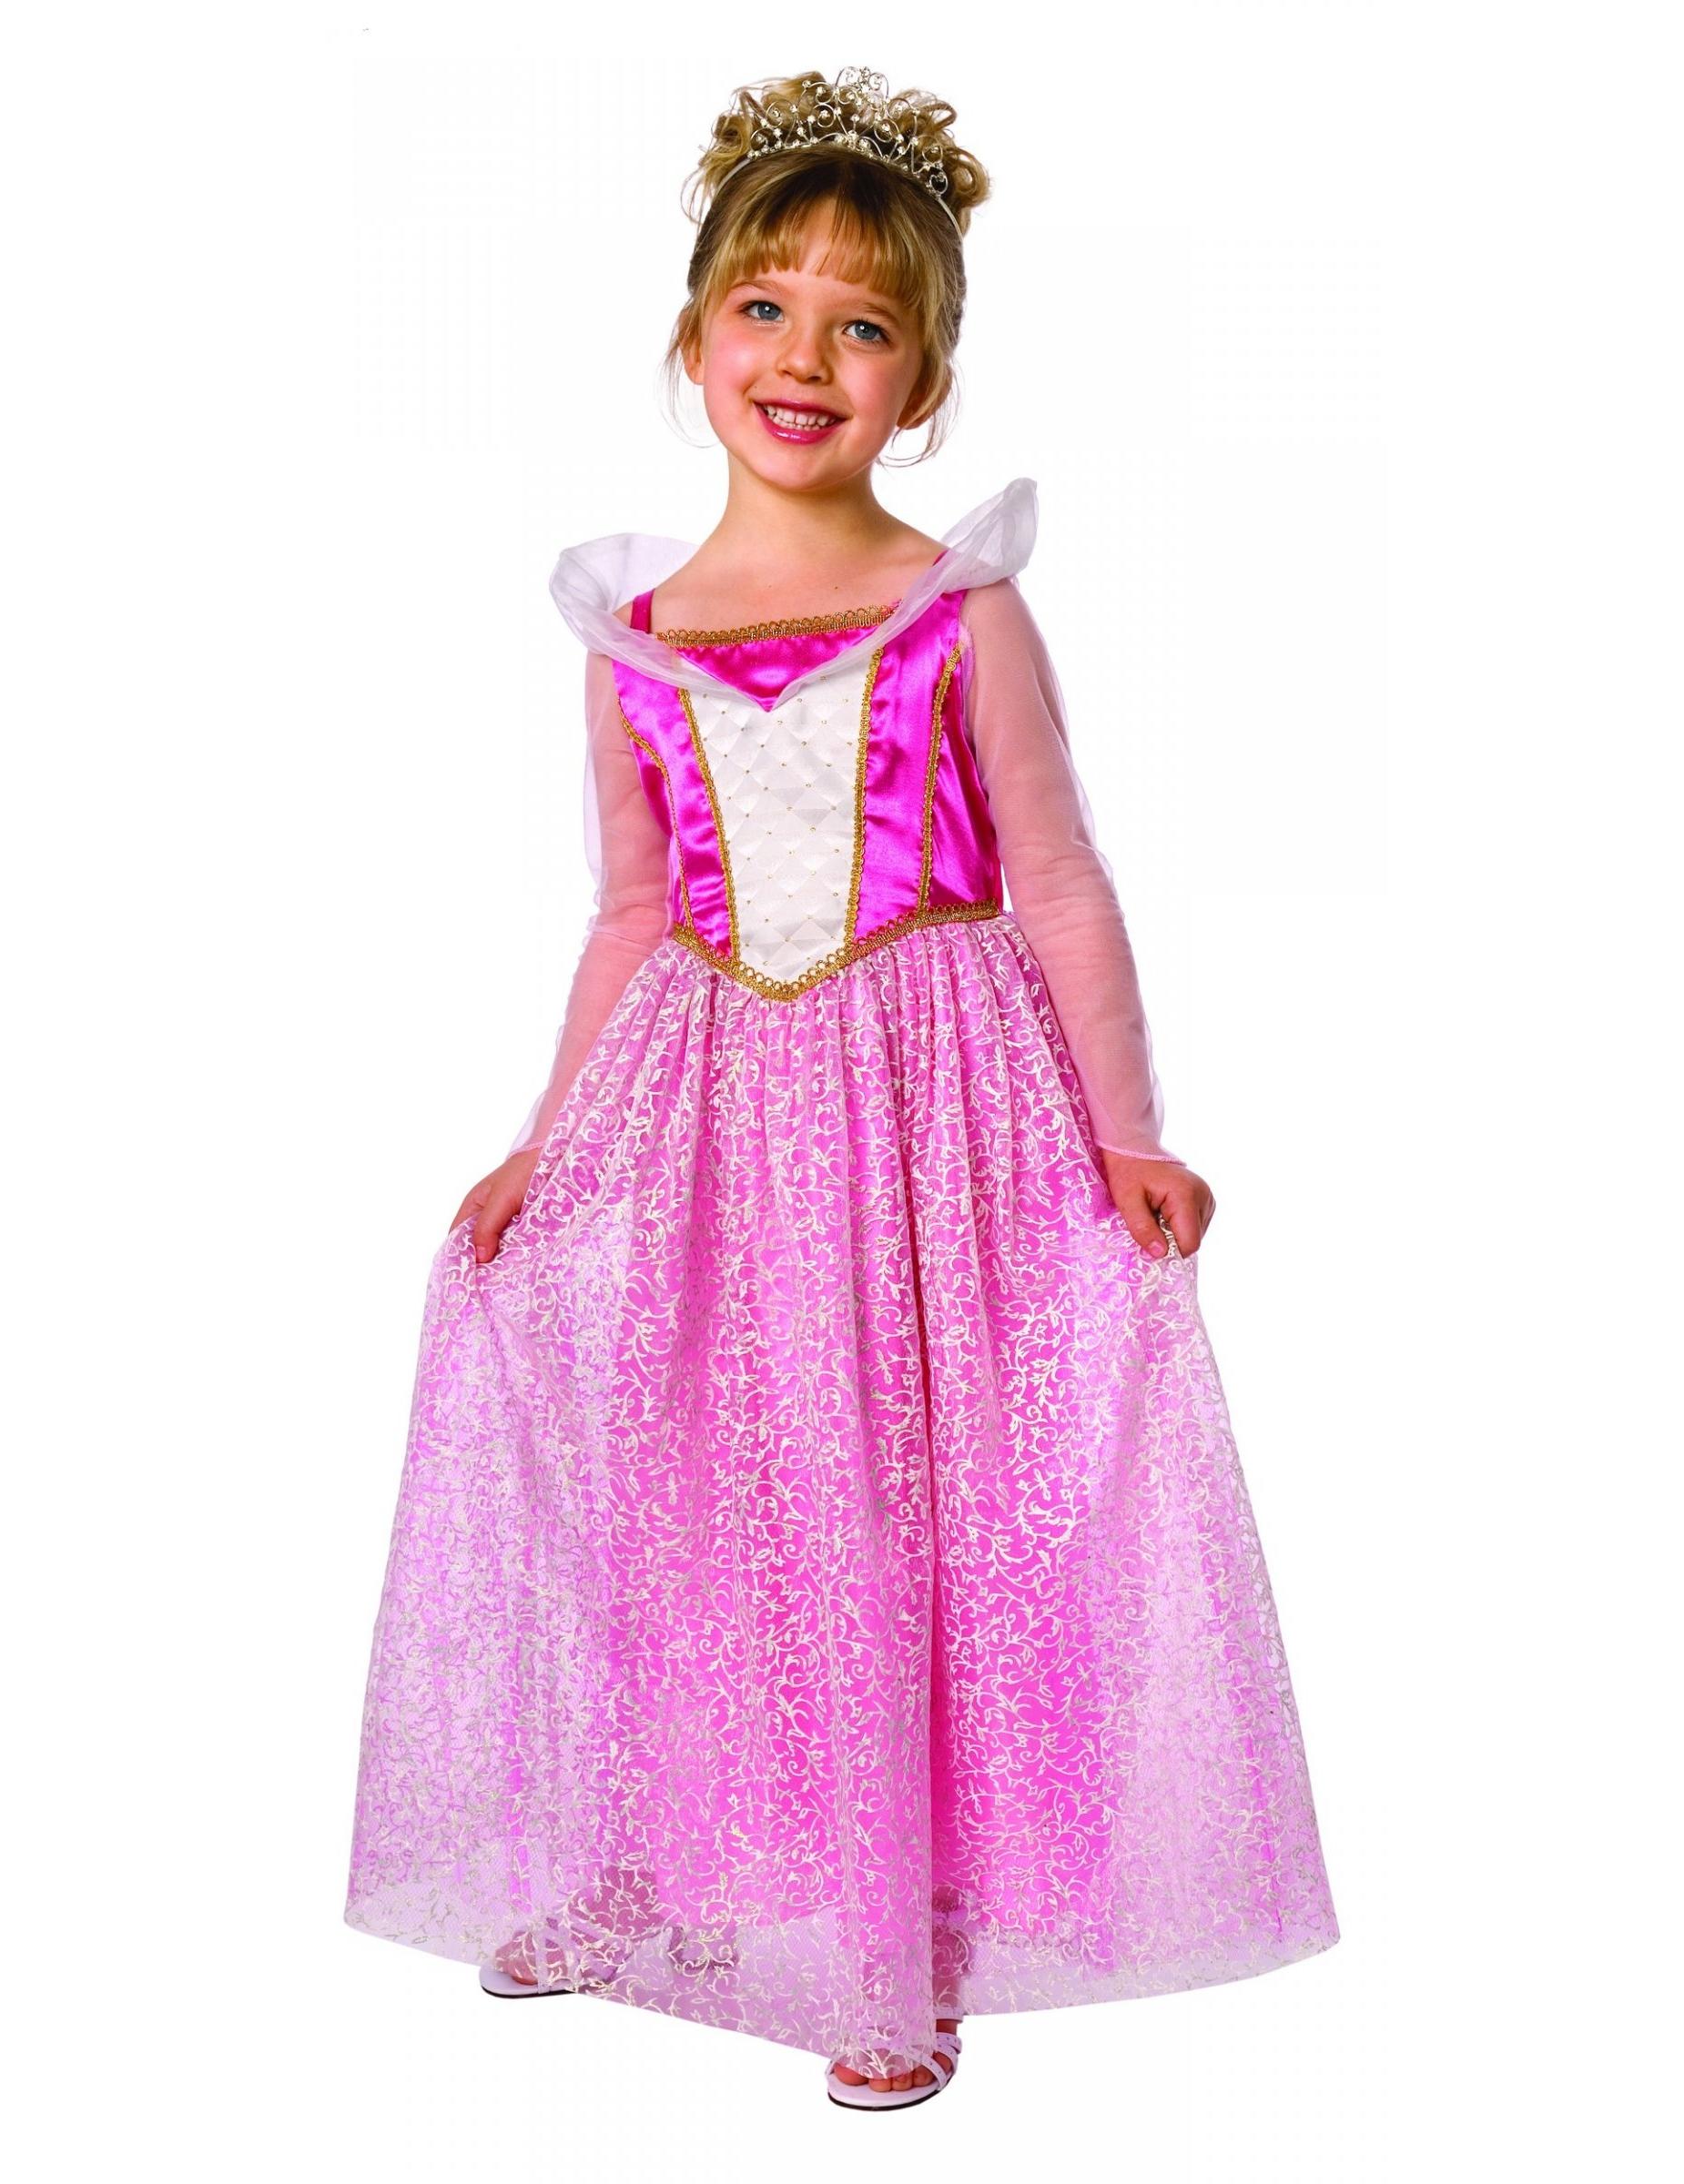 D guisement princesse enfant fille achat de d guisements enfants sur vegaoopro grossiste en - Deguisement fille princesse ...